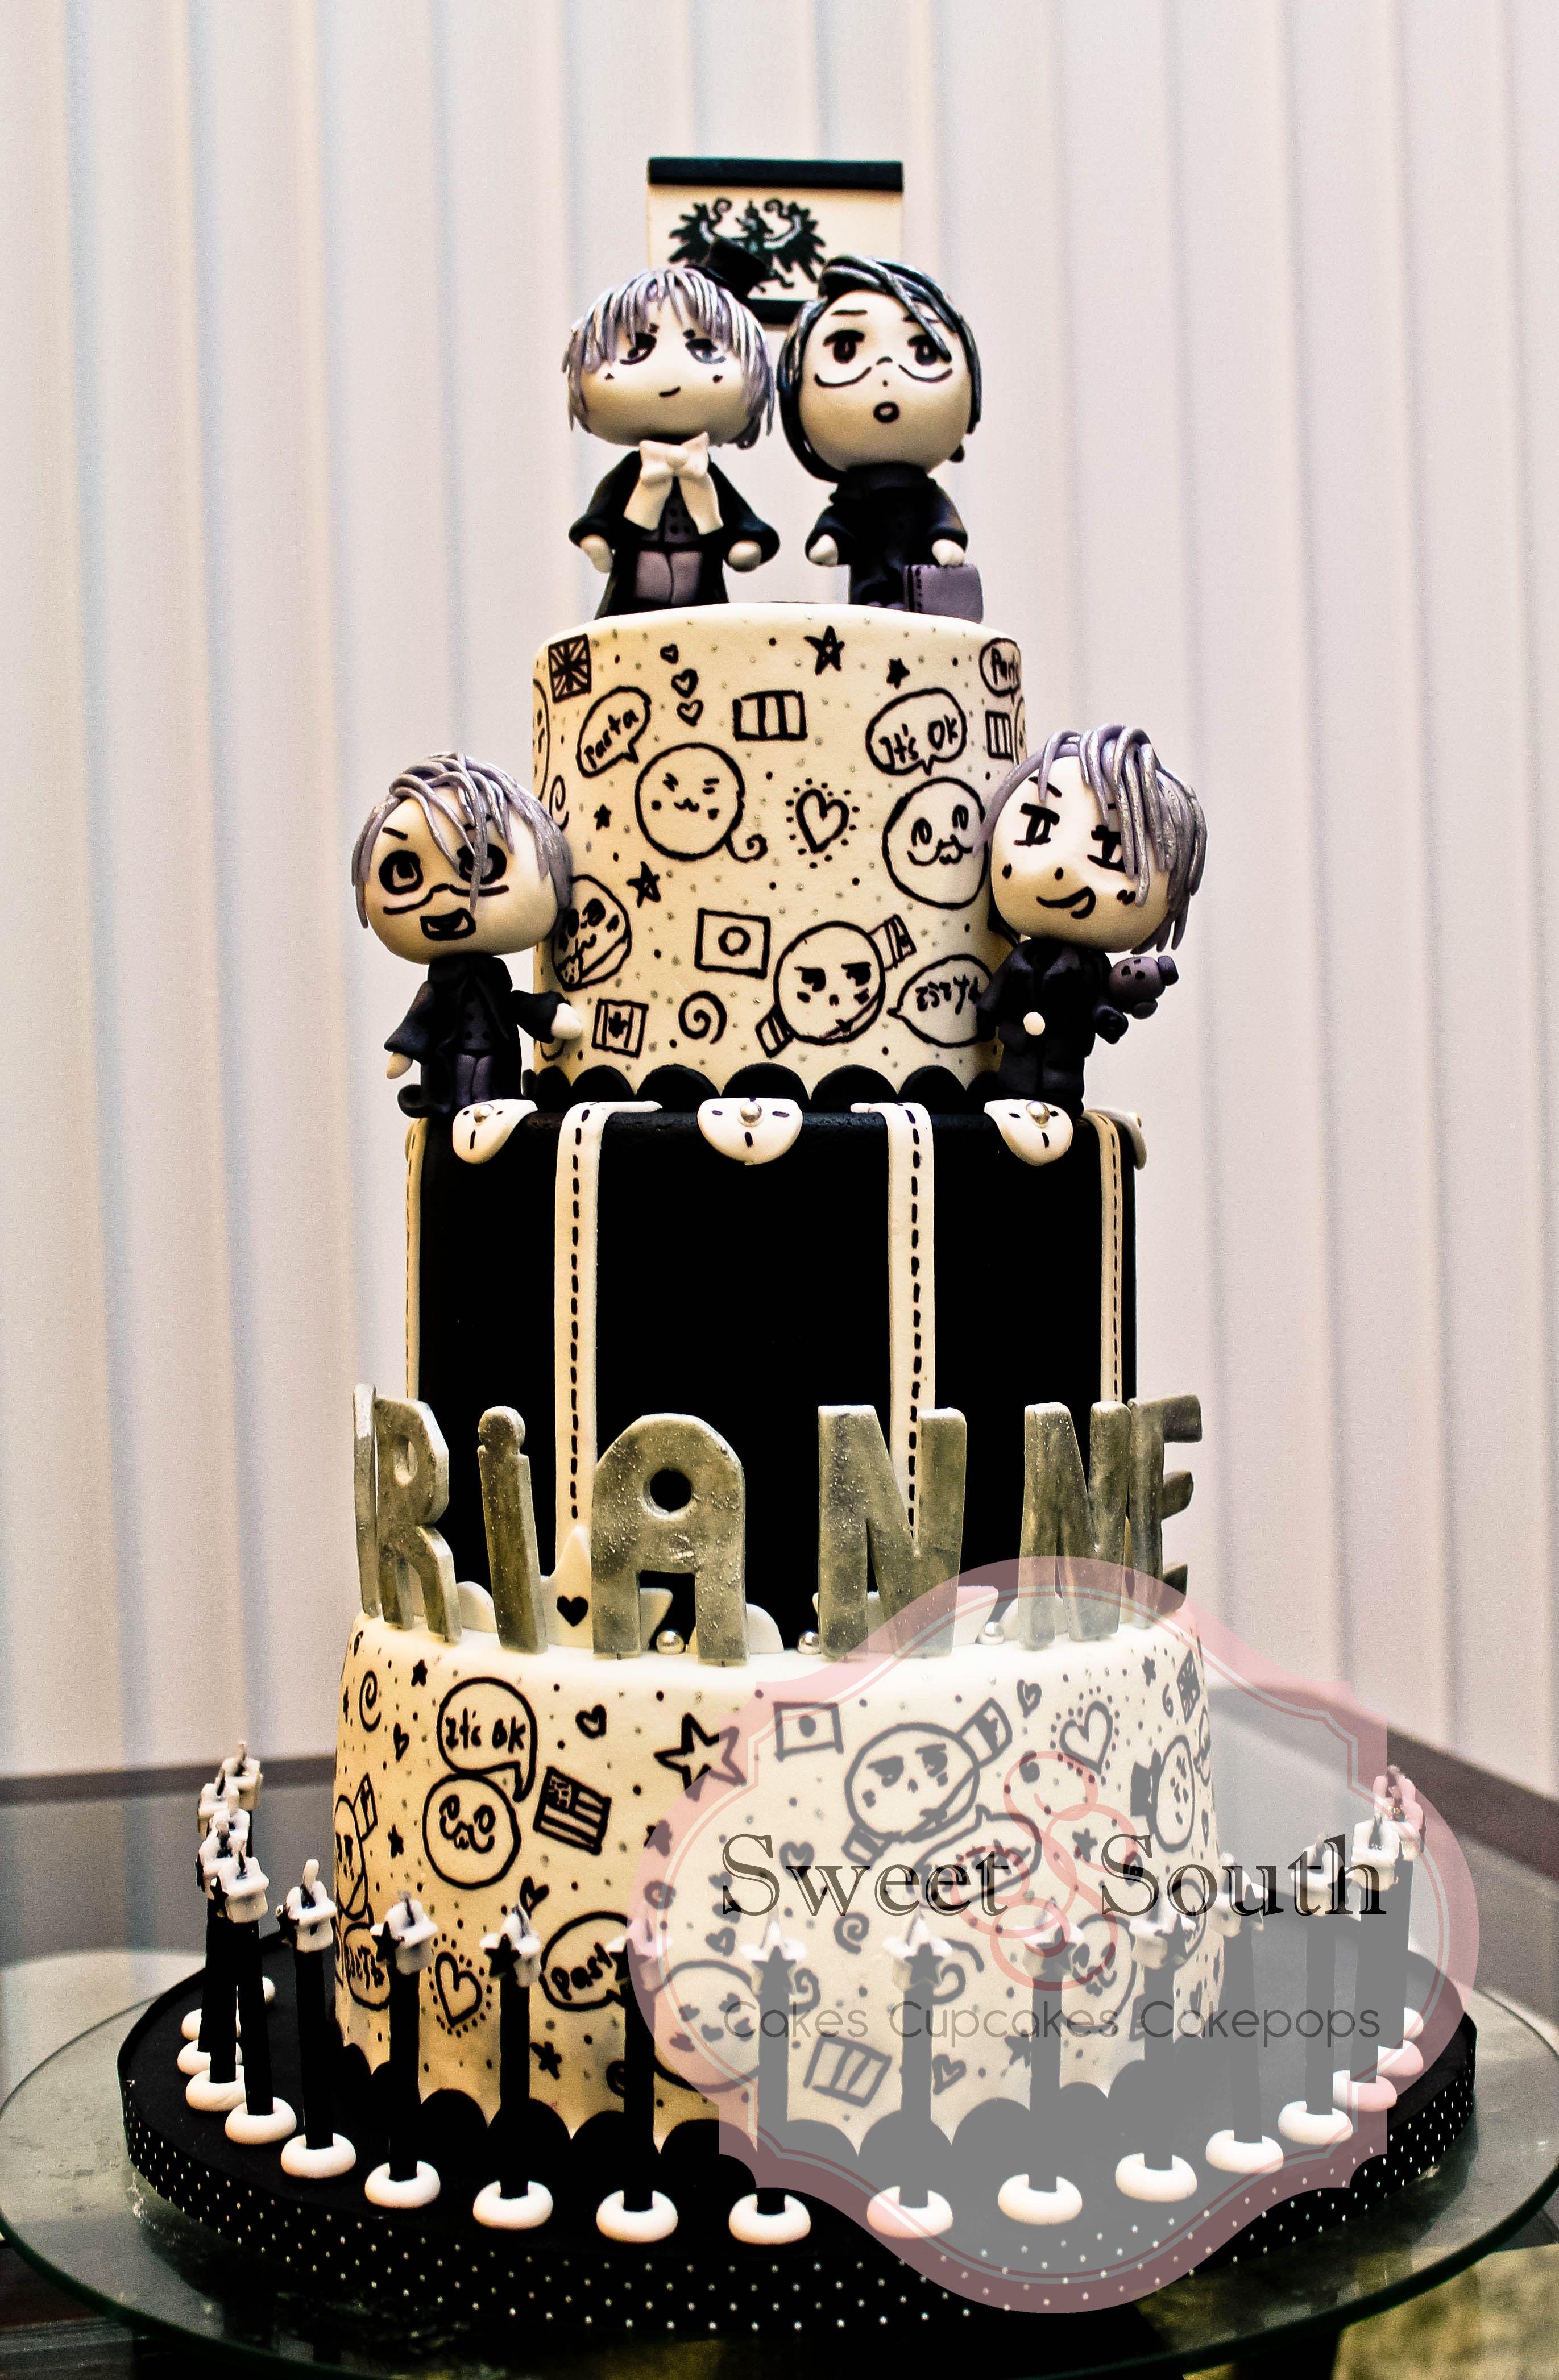 Épinglé par Stephanie Gabayan sur Sweet South Cakes Beau